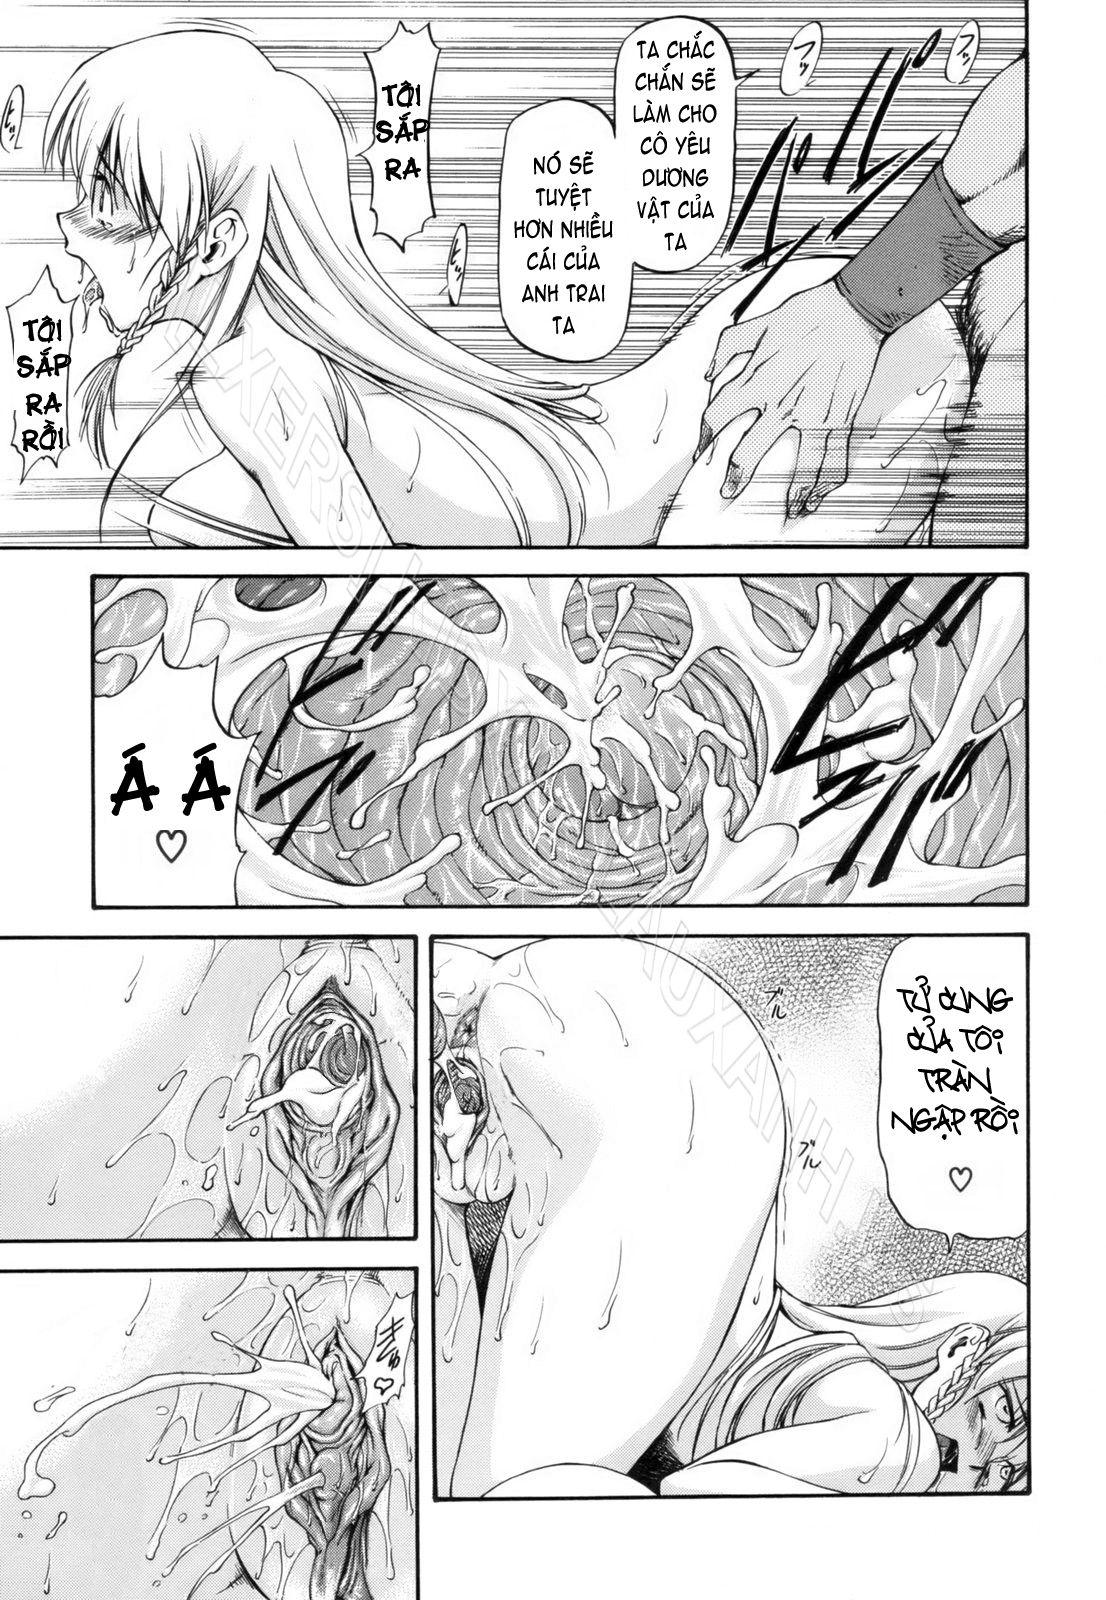 Hình ảnh Hinh_006 trong bài viết Truyện tranh hentai không che: Parabellum